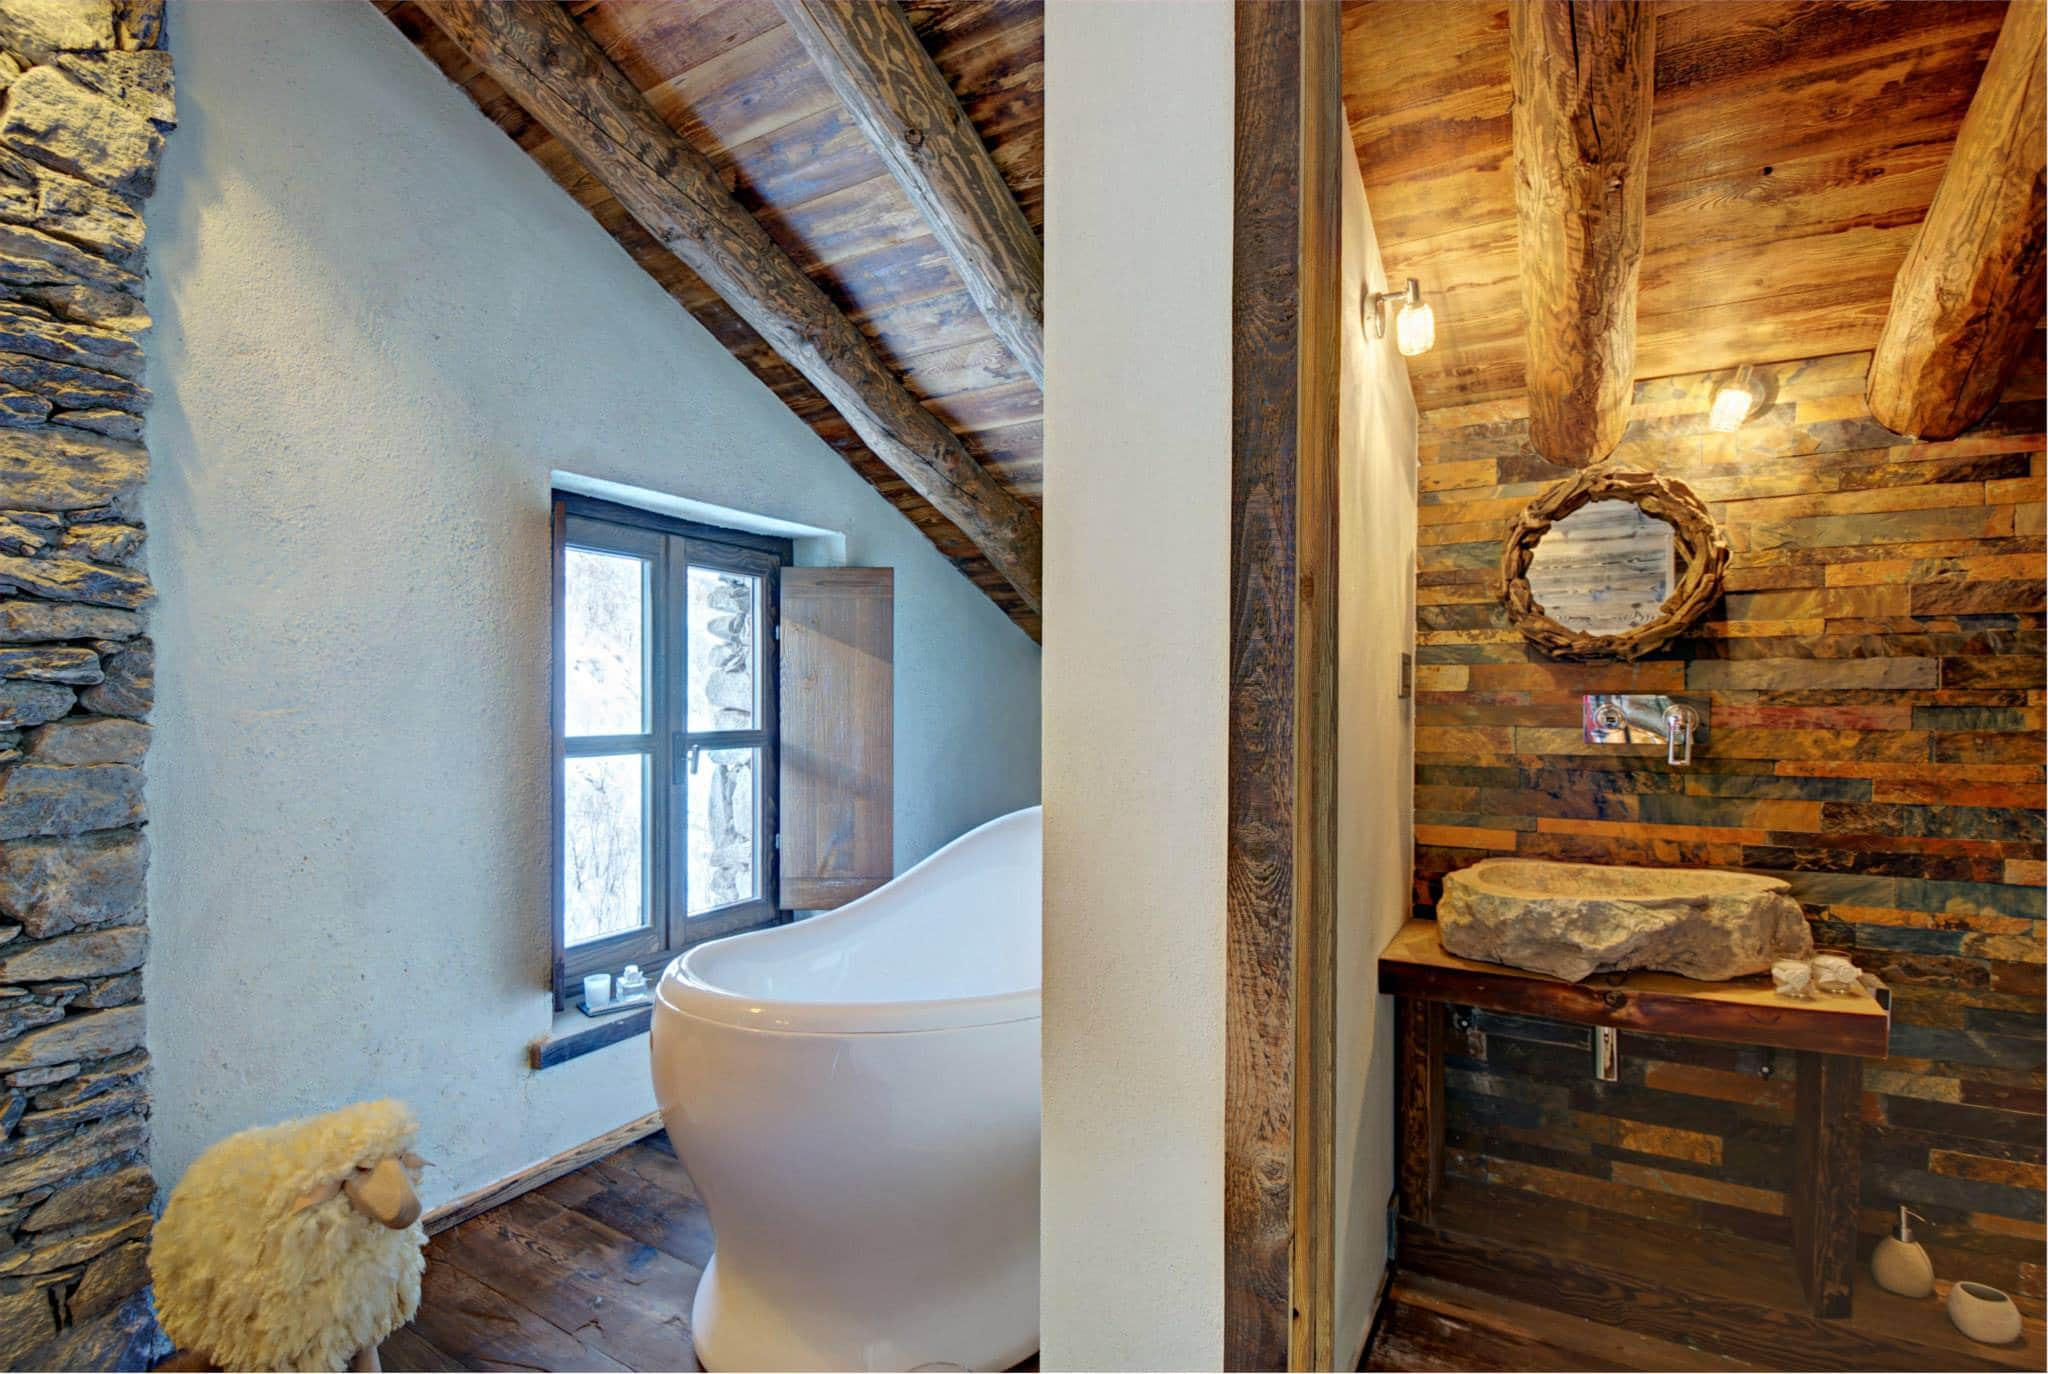 Baños Rusticos Disenos:Decoración de interiores baño rústico